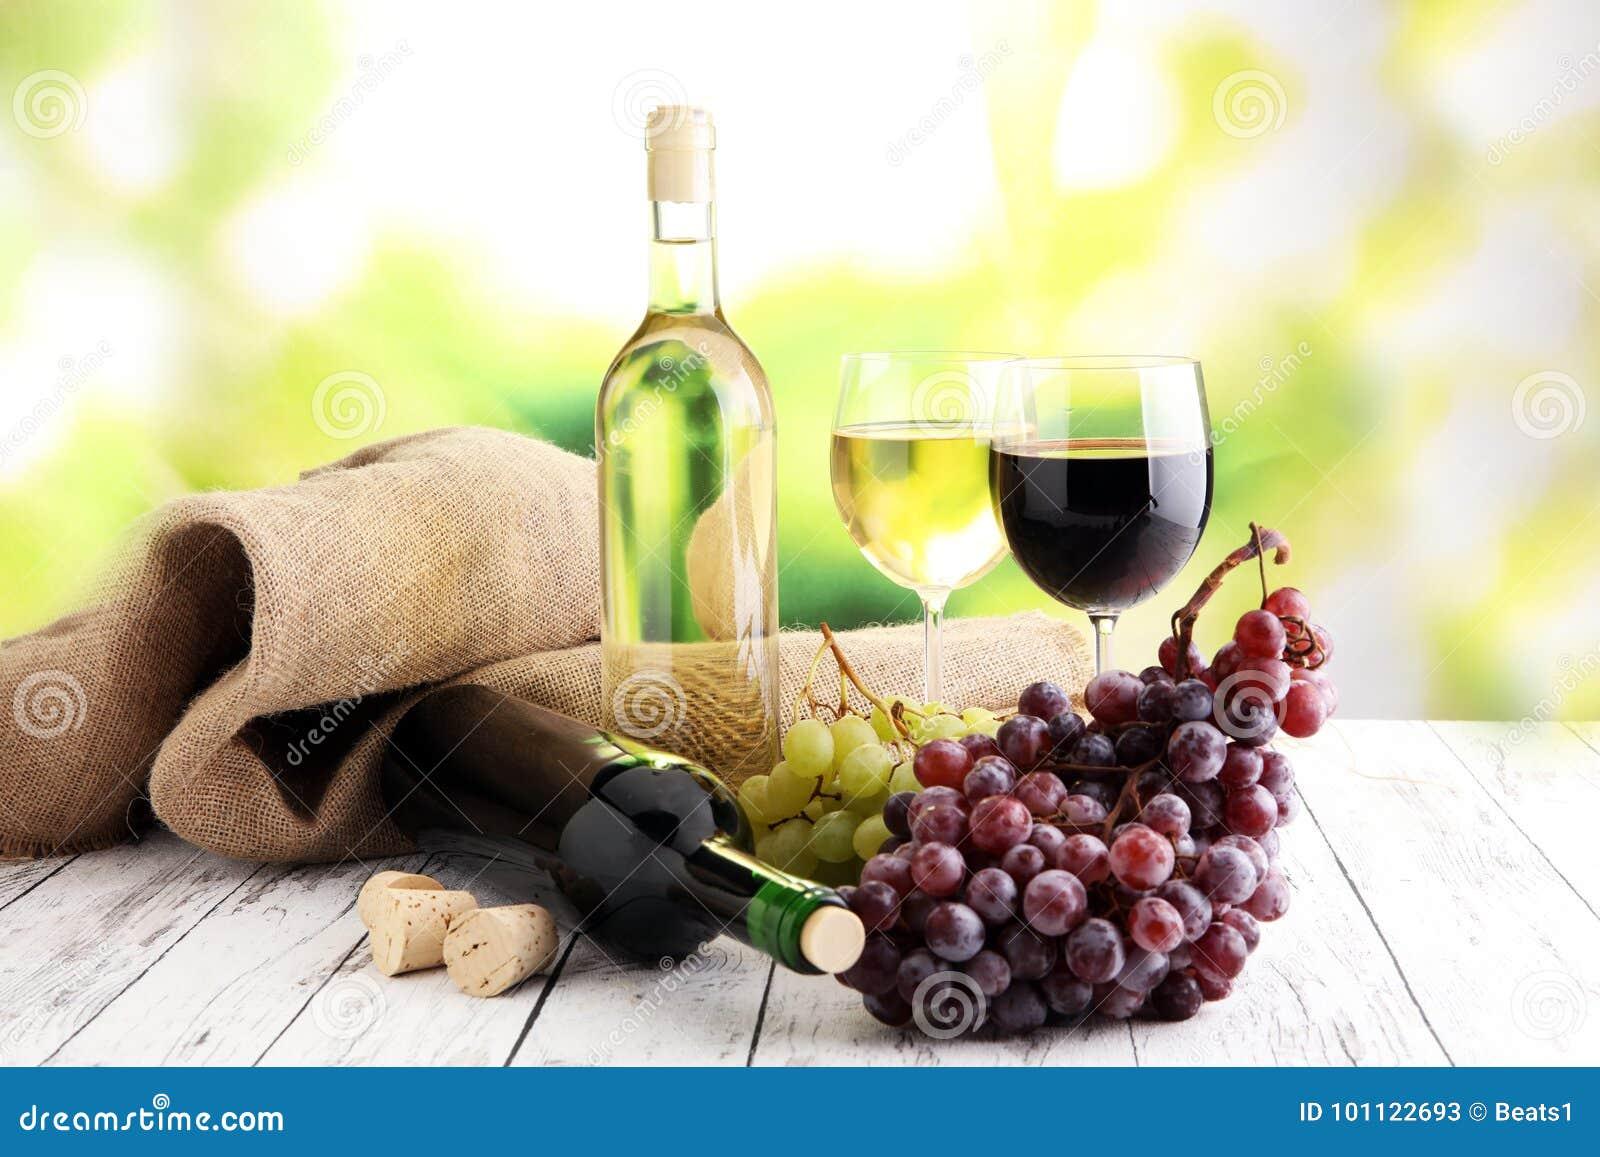 Witte wijn en rode wijn in een glas met dalingsdruiven, witte woode